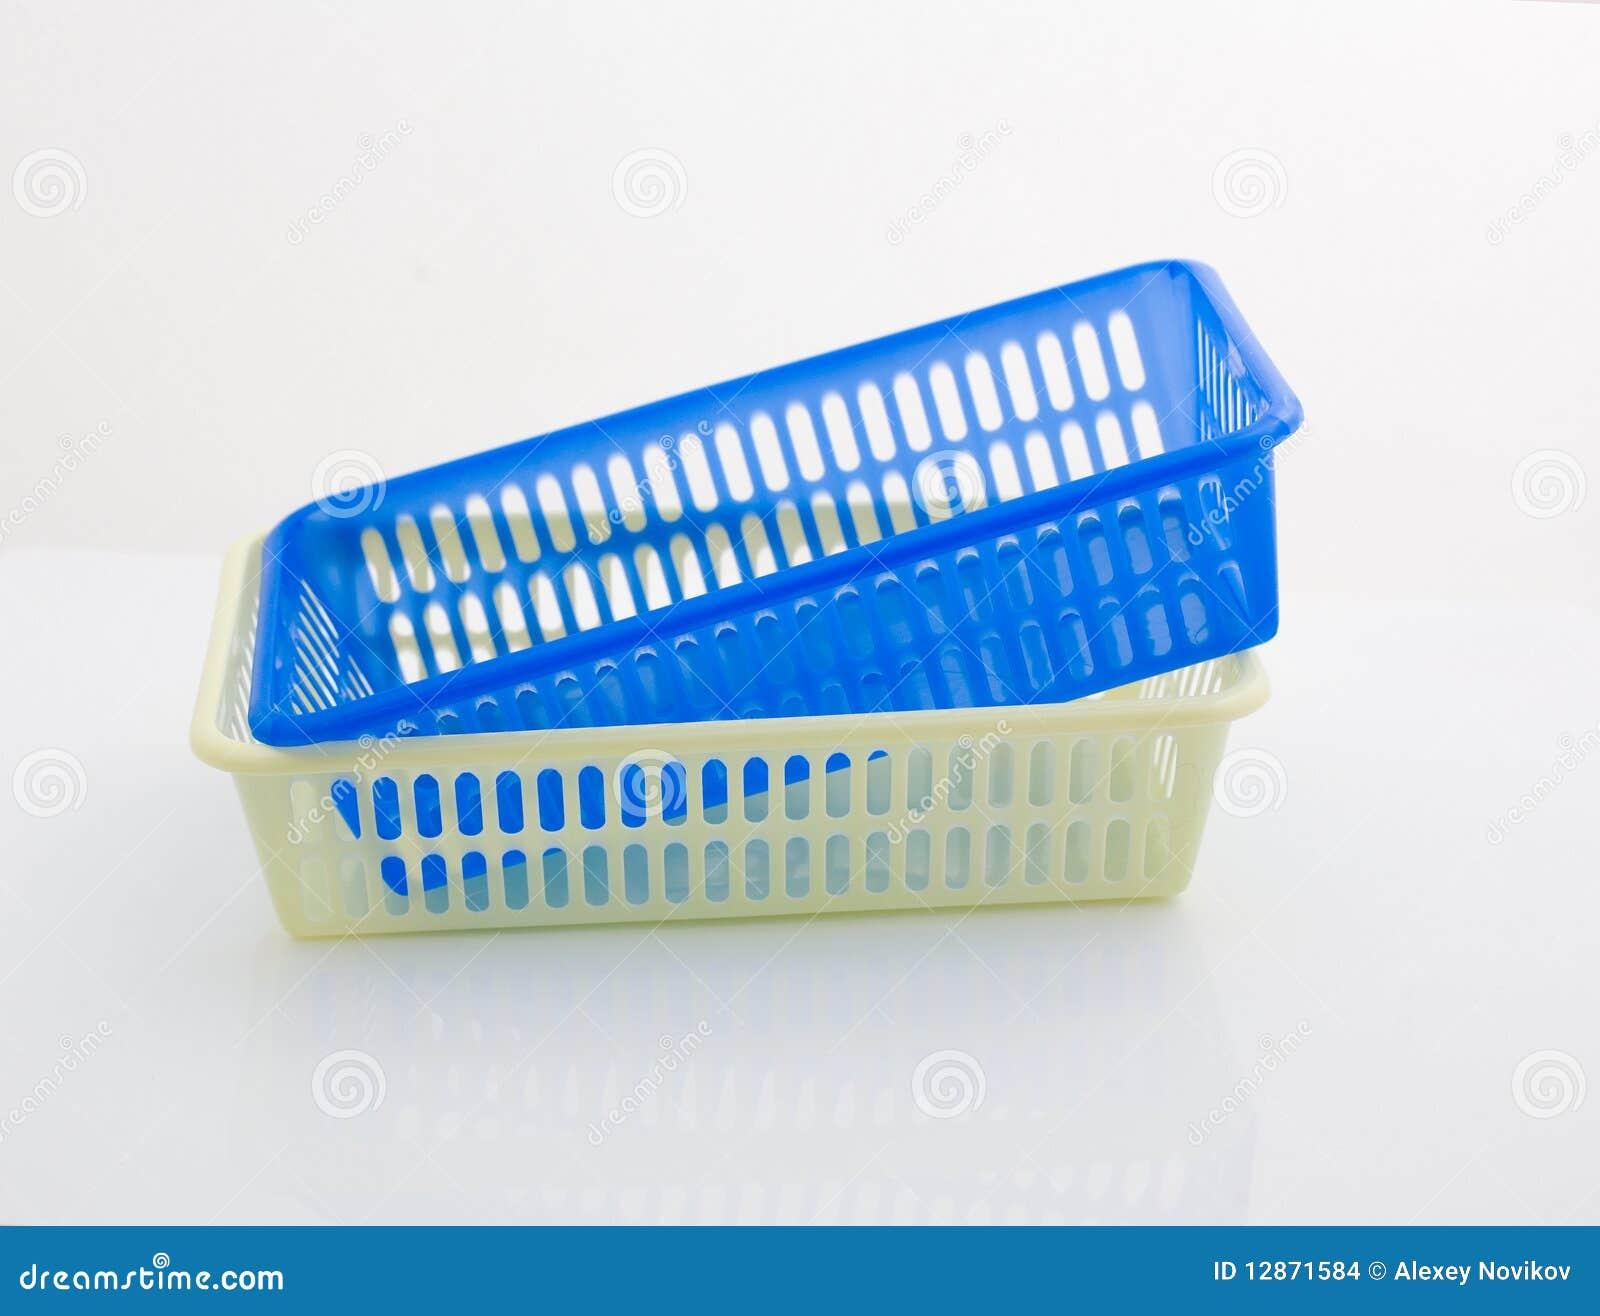 Cestini Di Plastica Immagini Stock - Immagine: 12871584